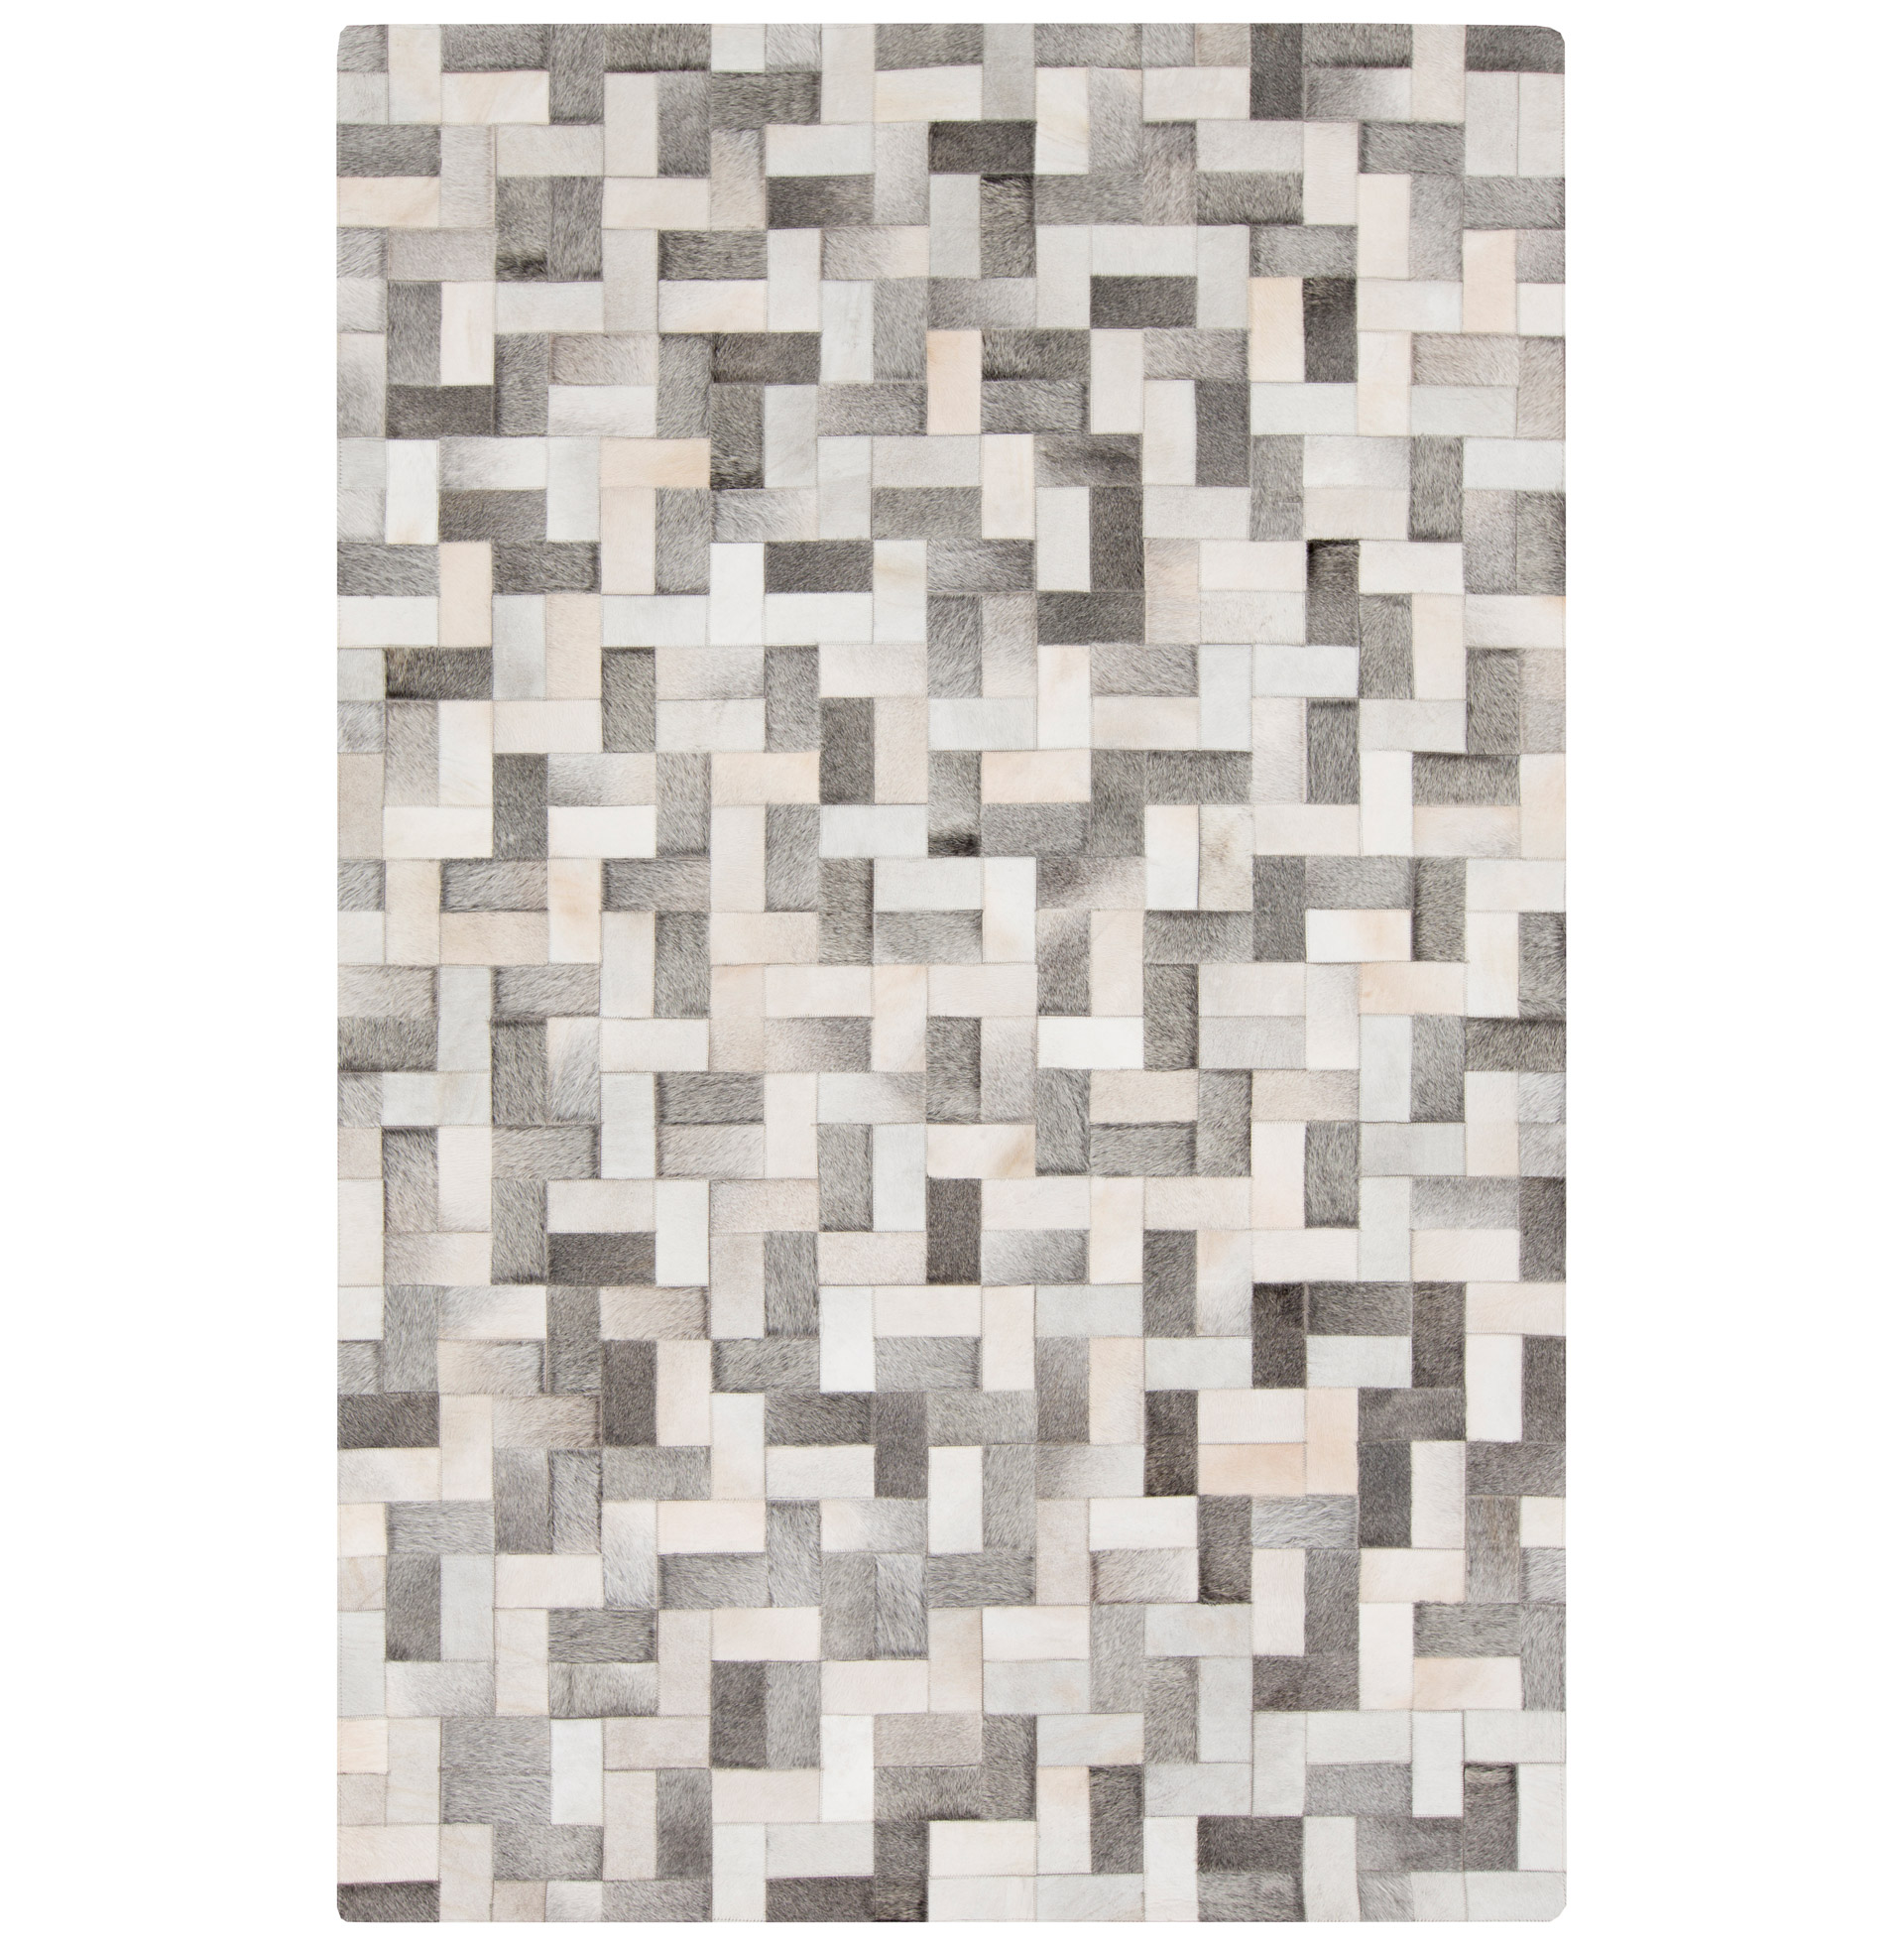 Baku Global Bazaar Brick Weave Ivory Grey Cowhide Rug - 8x10